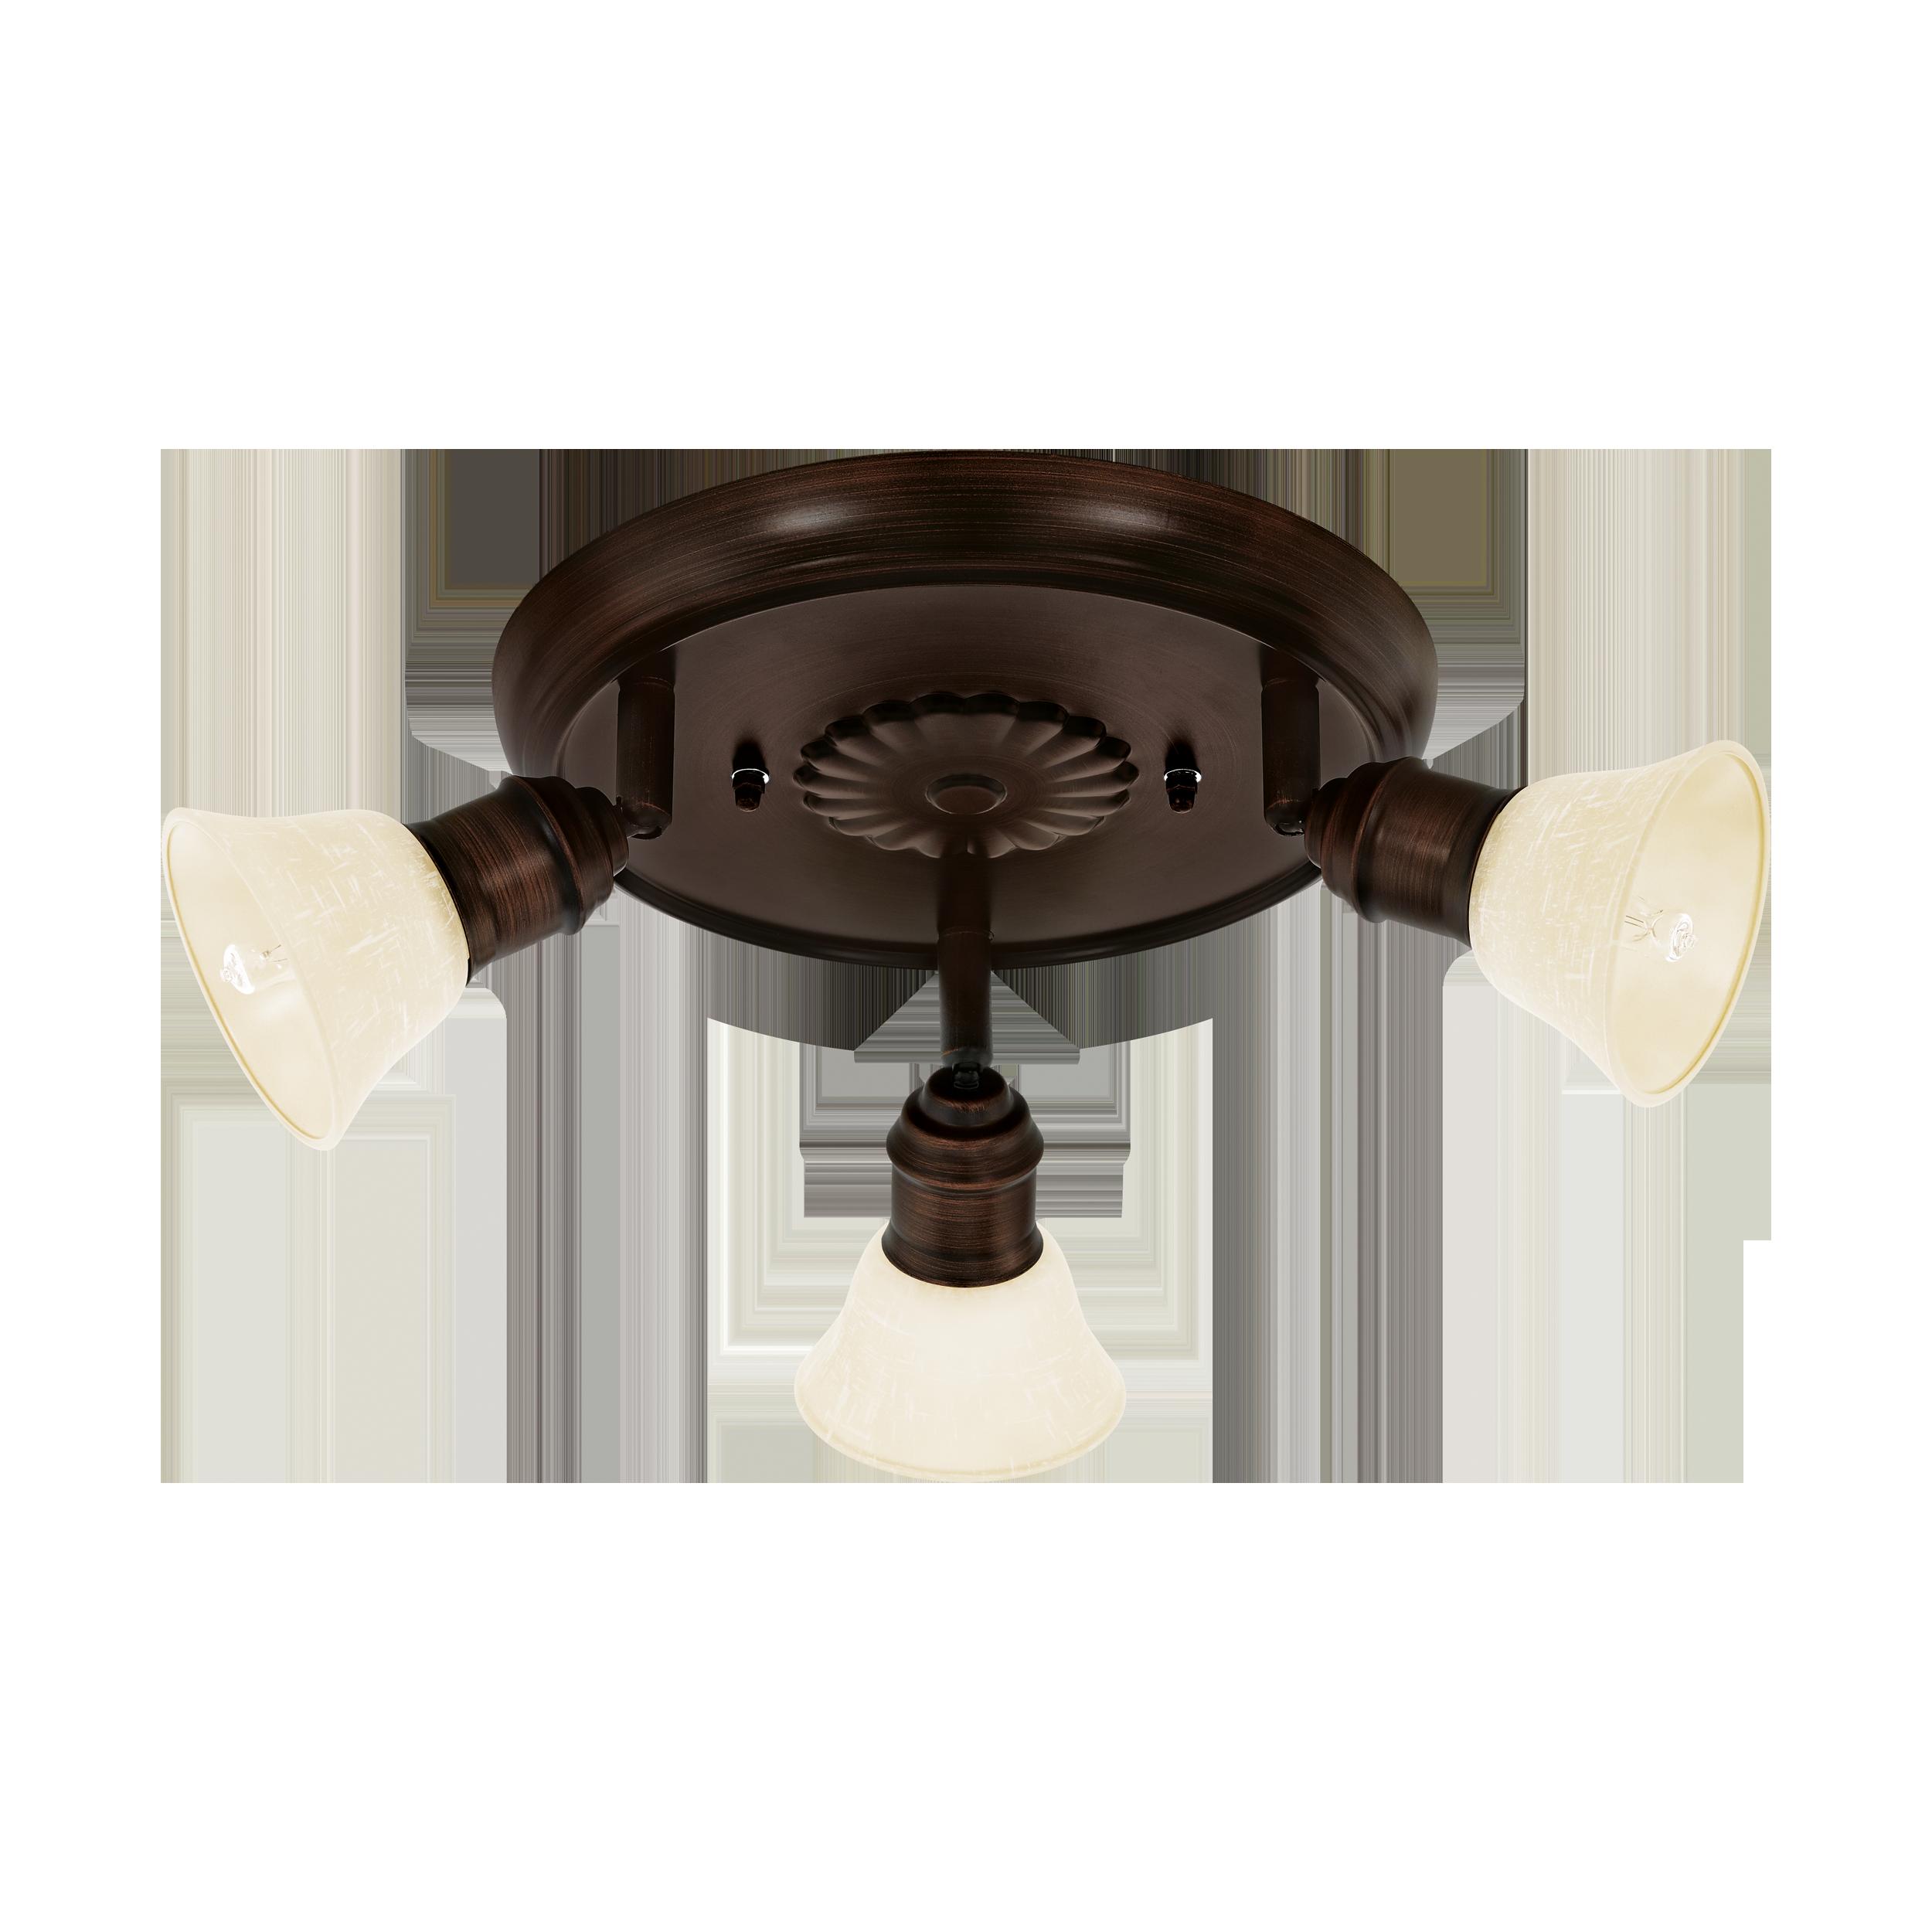 Потолочная люстра с регулировкой направления света Eglo Alamo 89061, 3xG9x33W, коричневый, бежевый, металл, стекло - фото 1